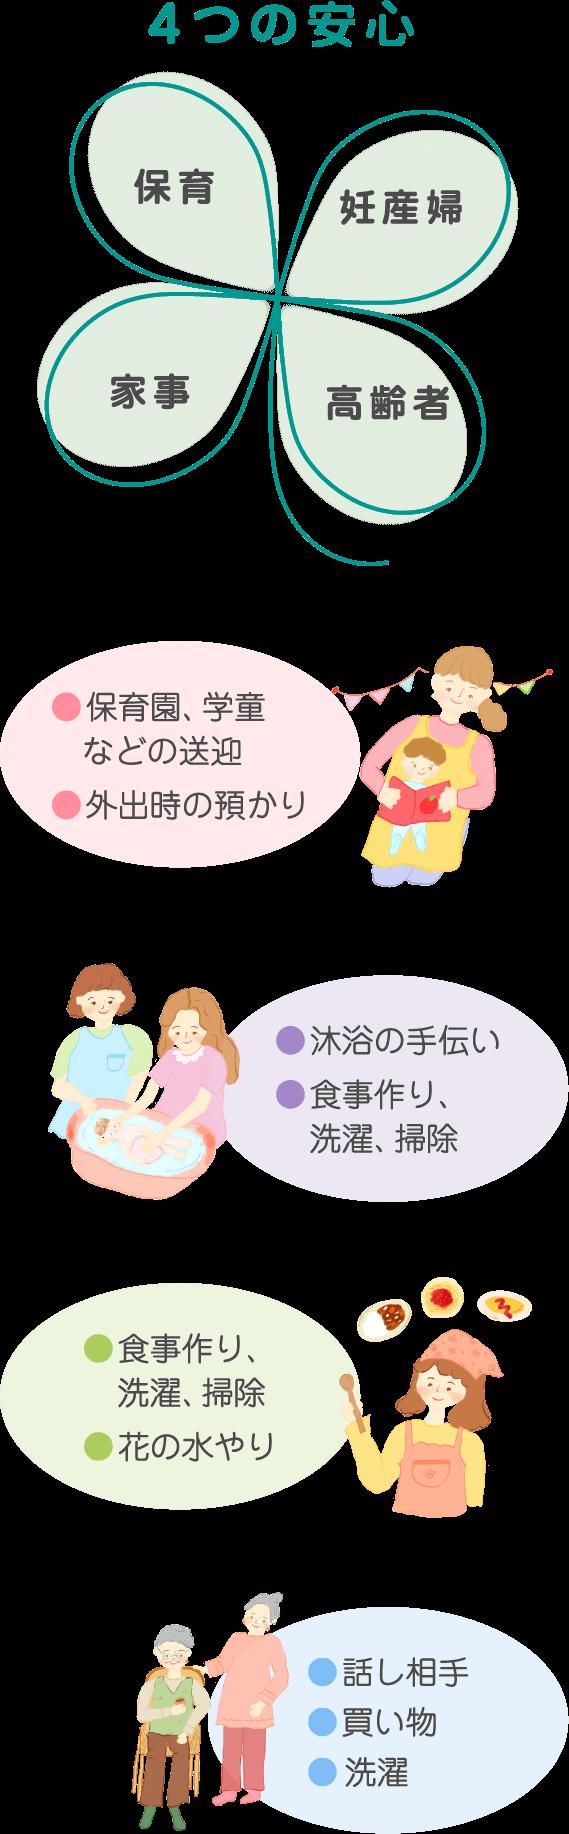 四つの安心のイメージ